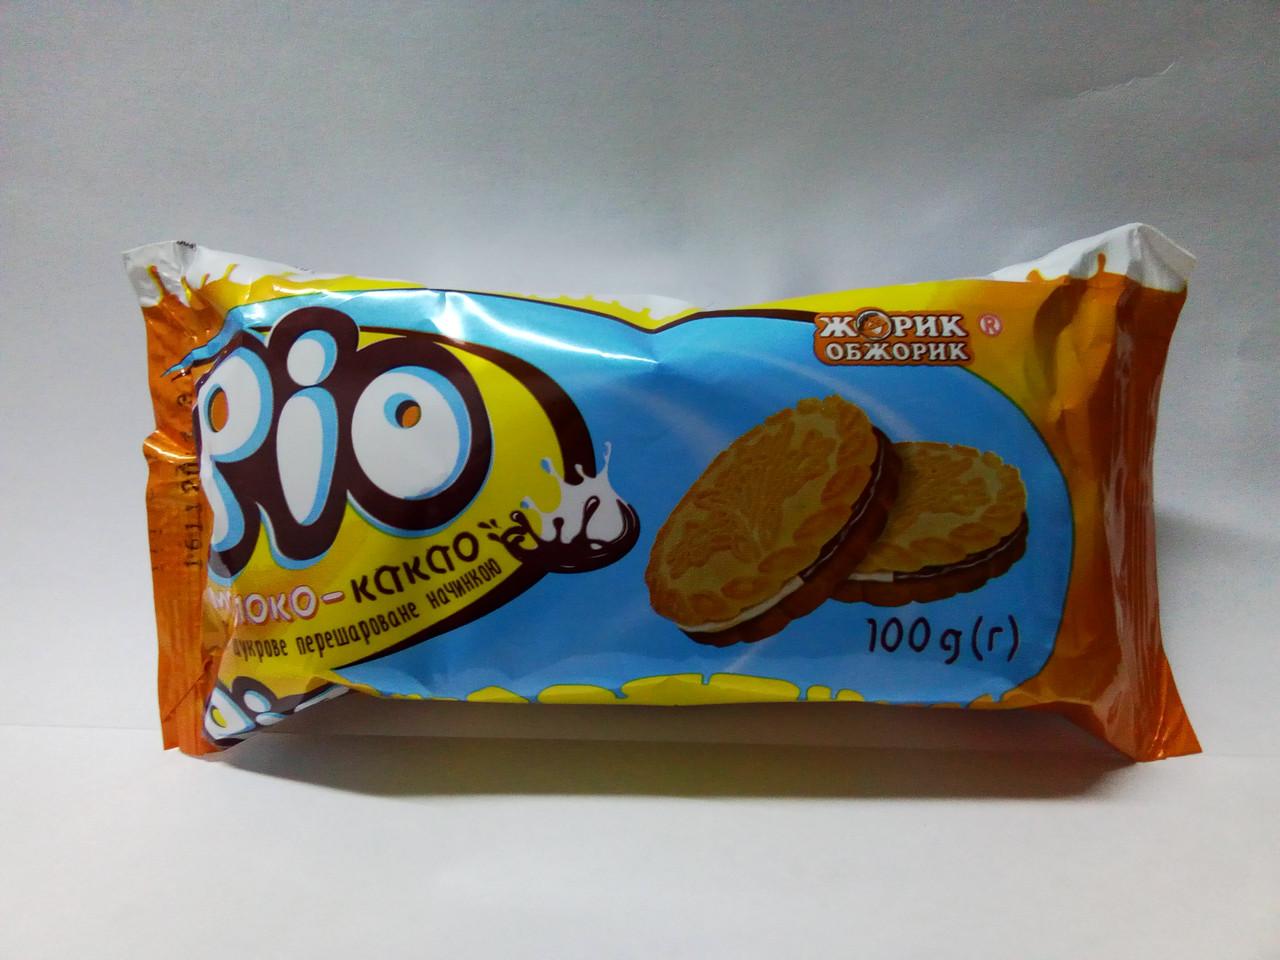 """Печенье Рио молоко-какао 100г """"Жорик Обжорик"""""""